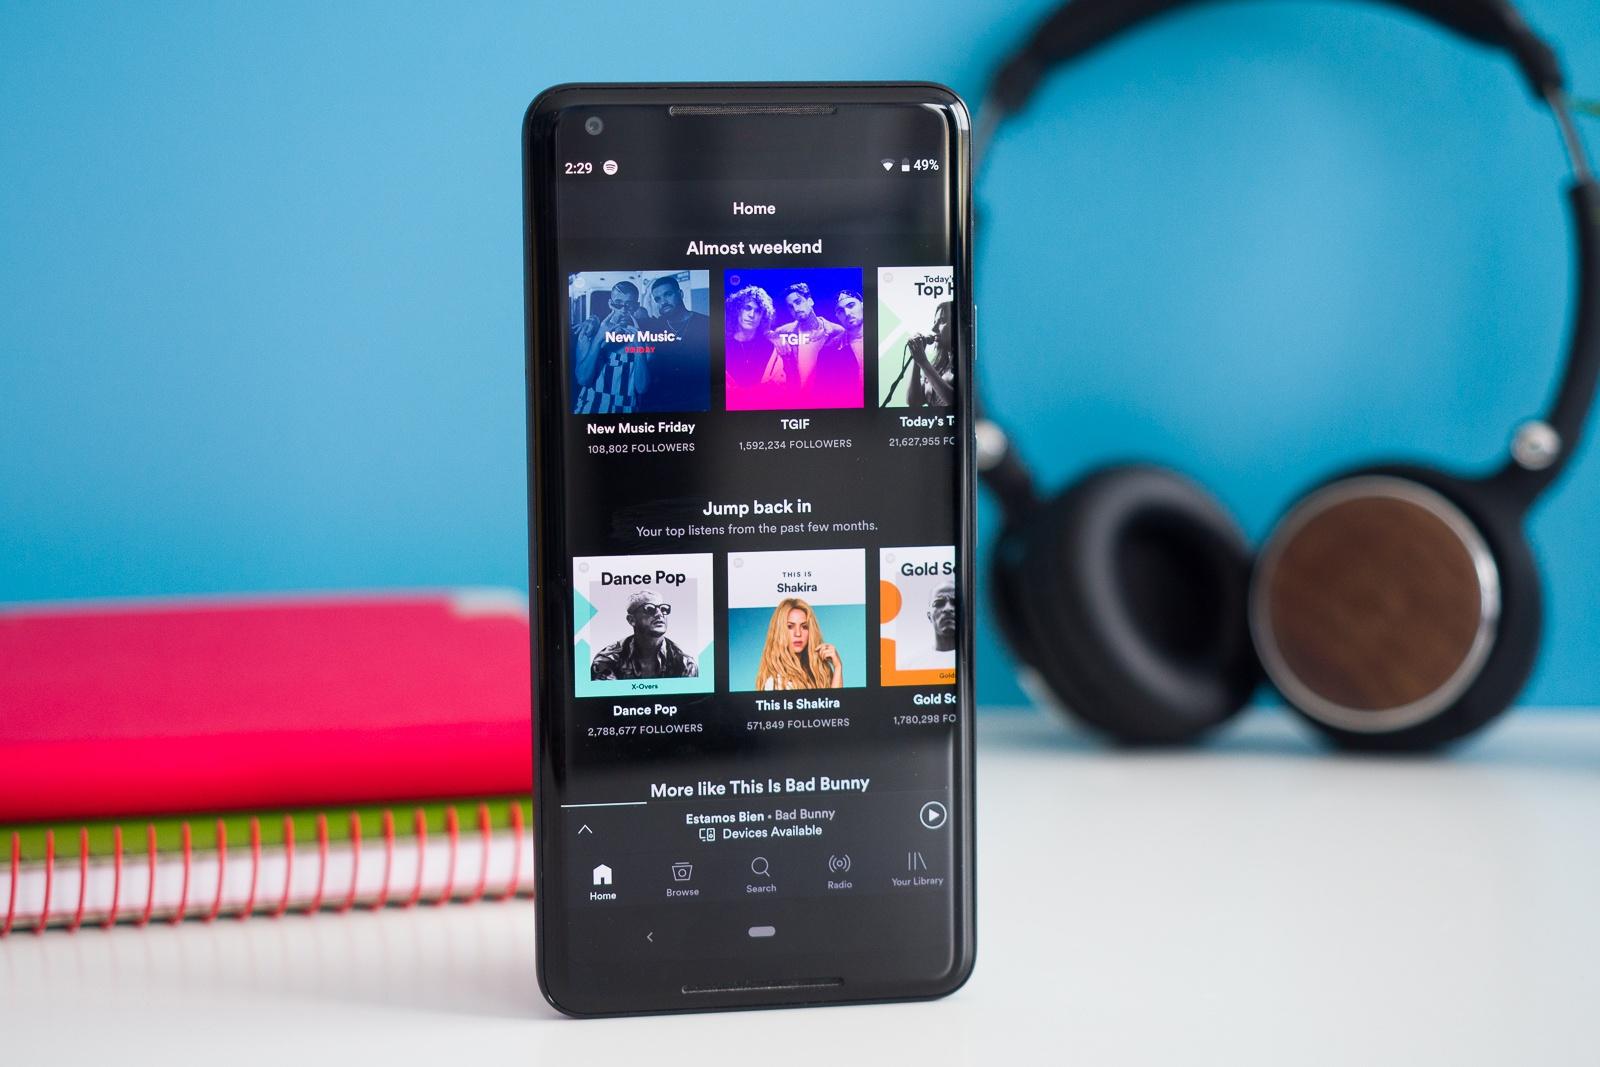 O Spotify finalmente adiciona o recurso solicitado há muito tempo ao seu aplicativo Android com o mínimo de alarde 1